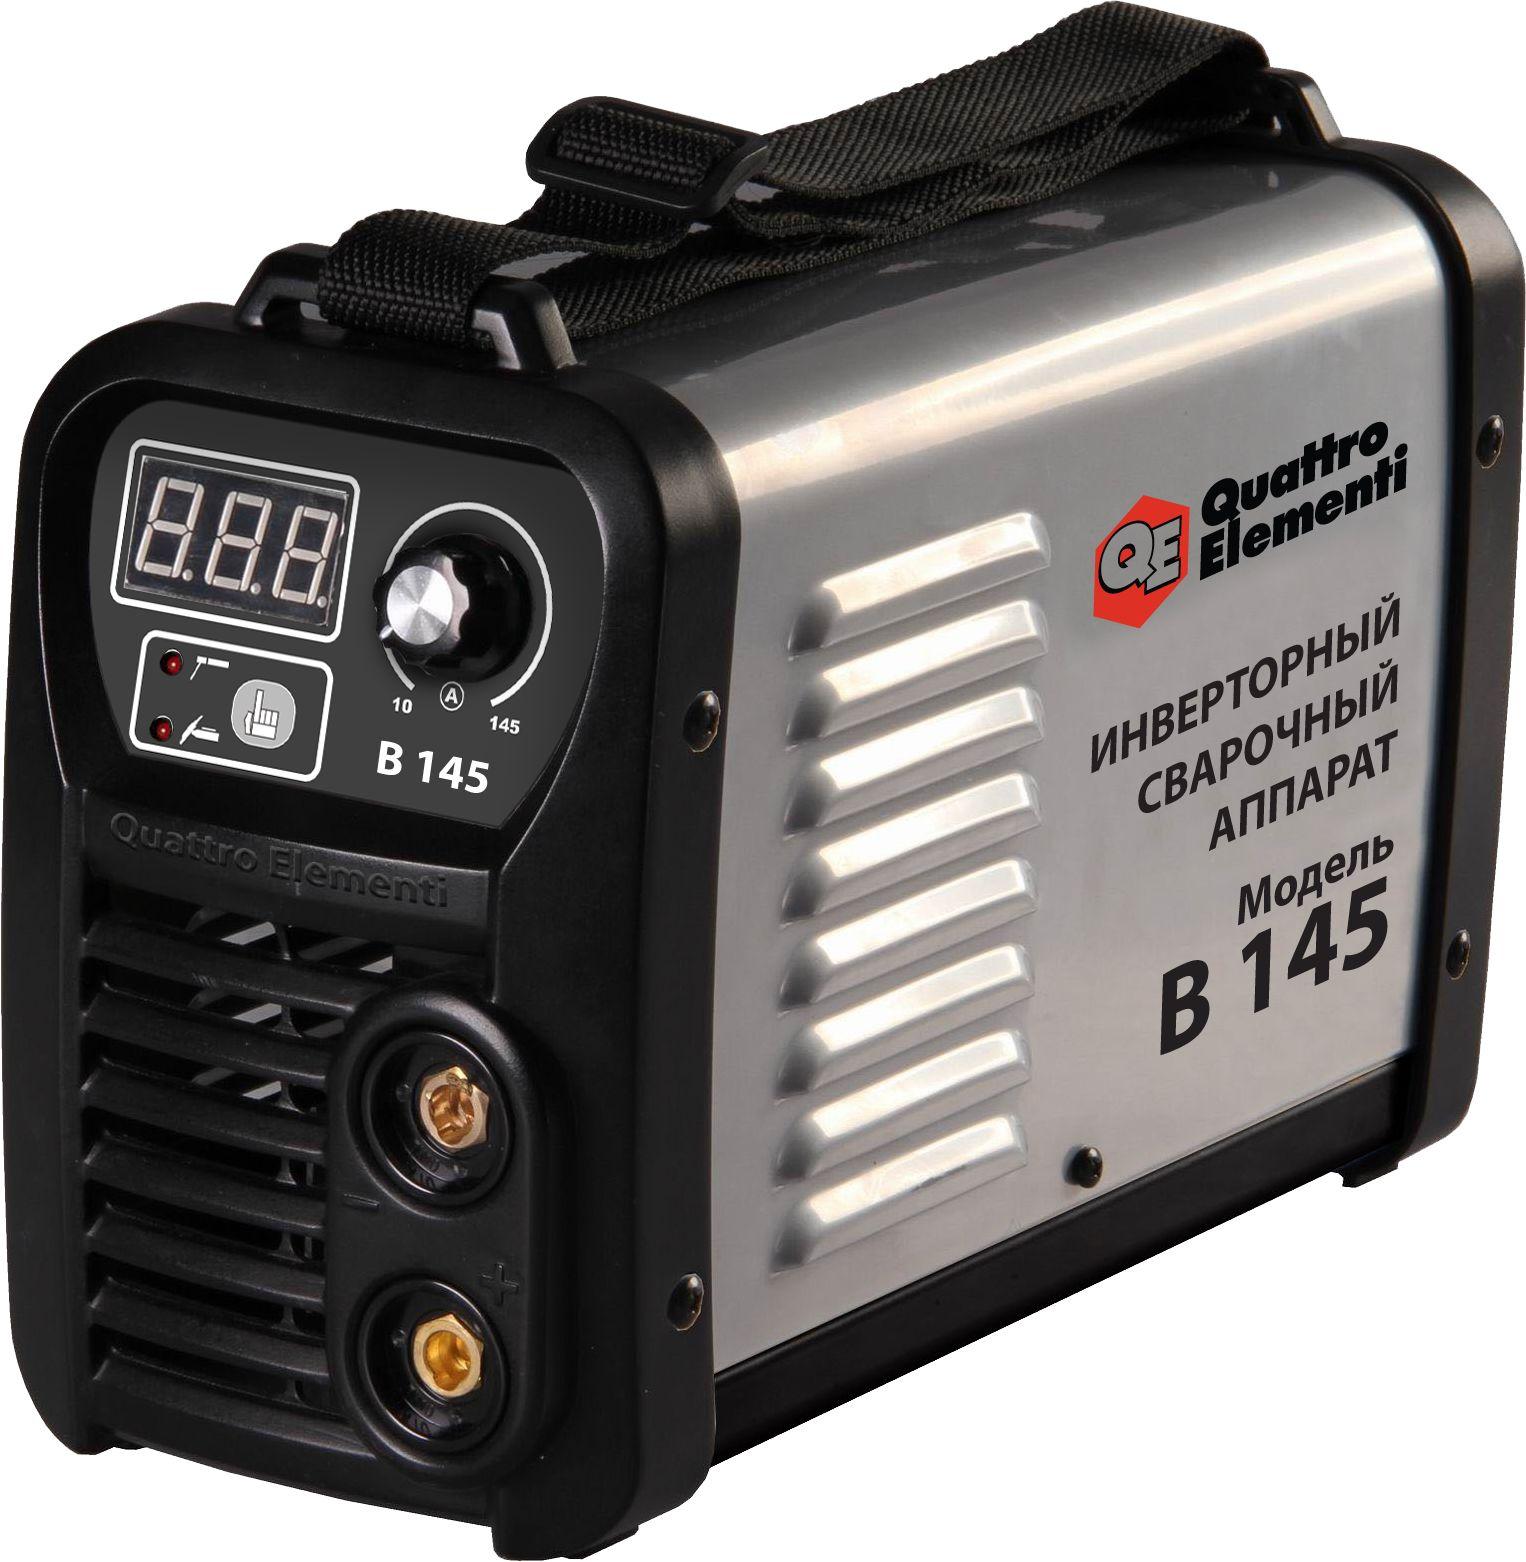 Сварочный аппарат QE B 145 от Ravta